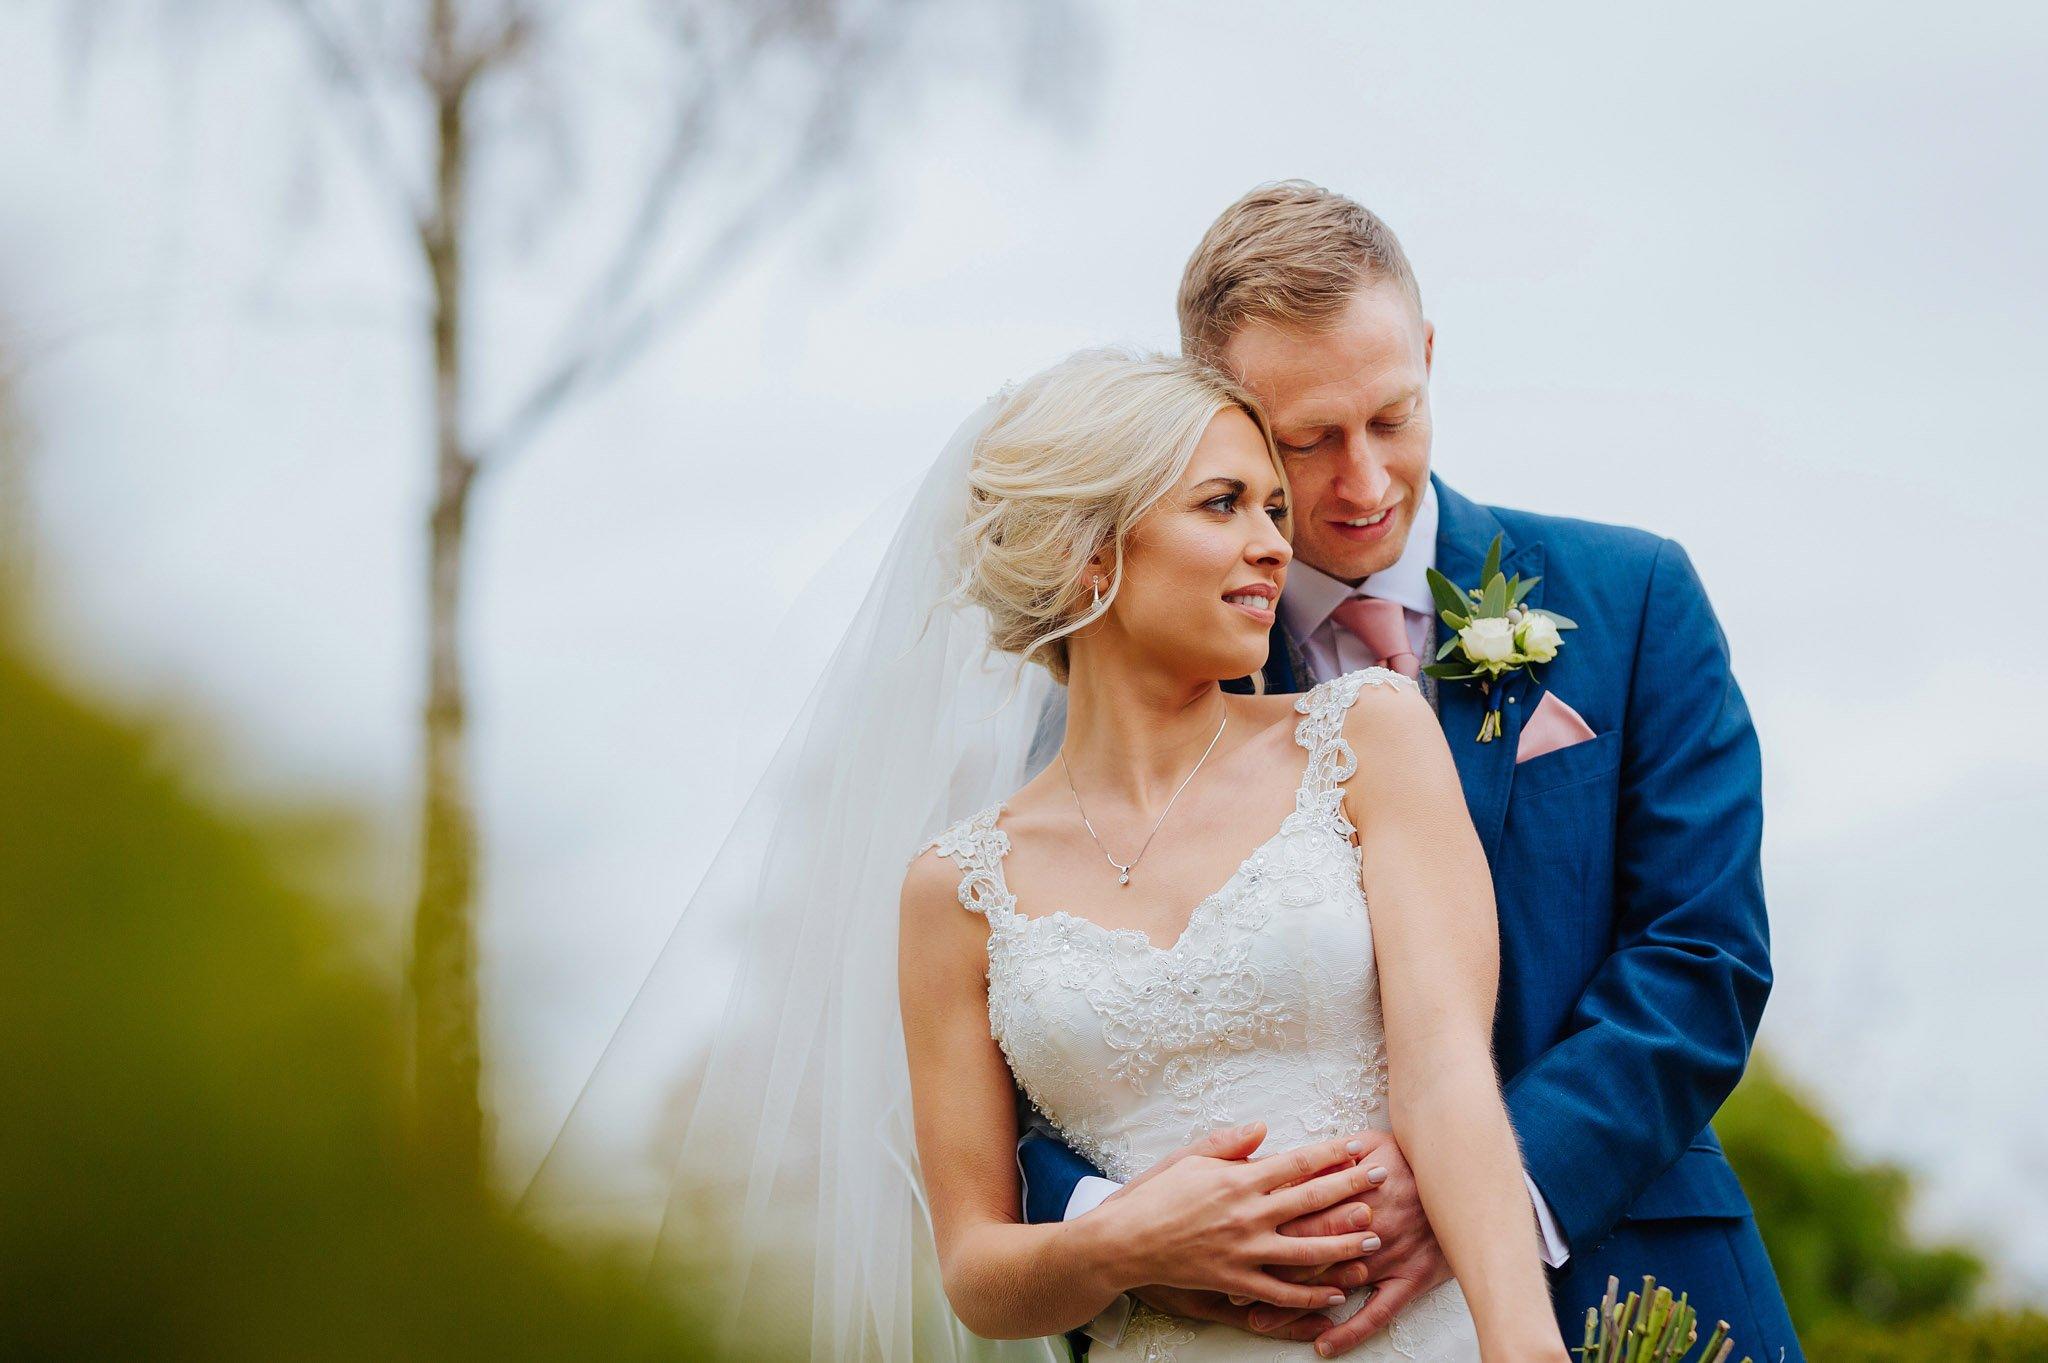 Lemore Manor wedding, Herefordshire - West Midlands | Sadie + Ken 43